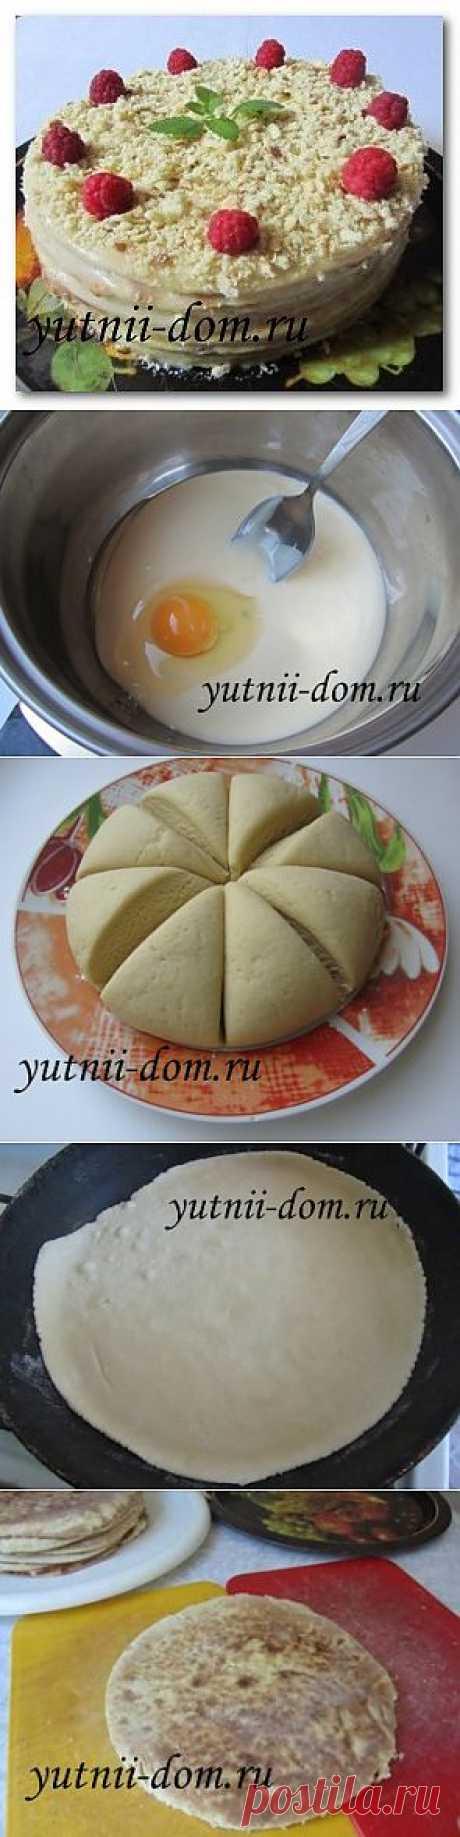 Торт на сковороде Минутка за полчаса Рецепт с фото | Уютный дом